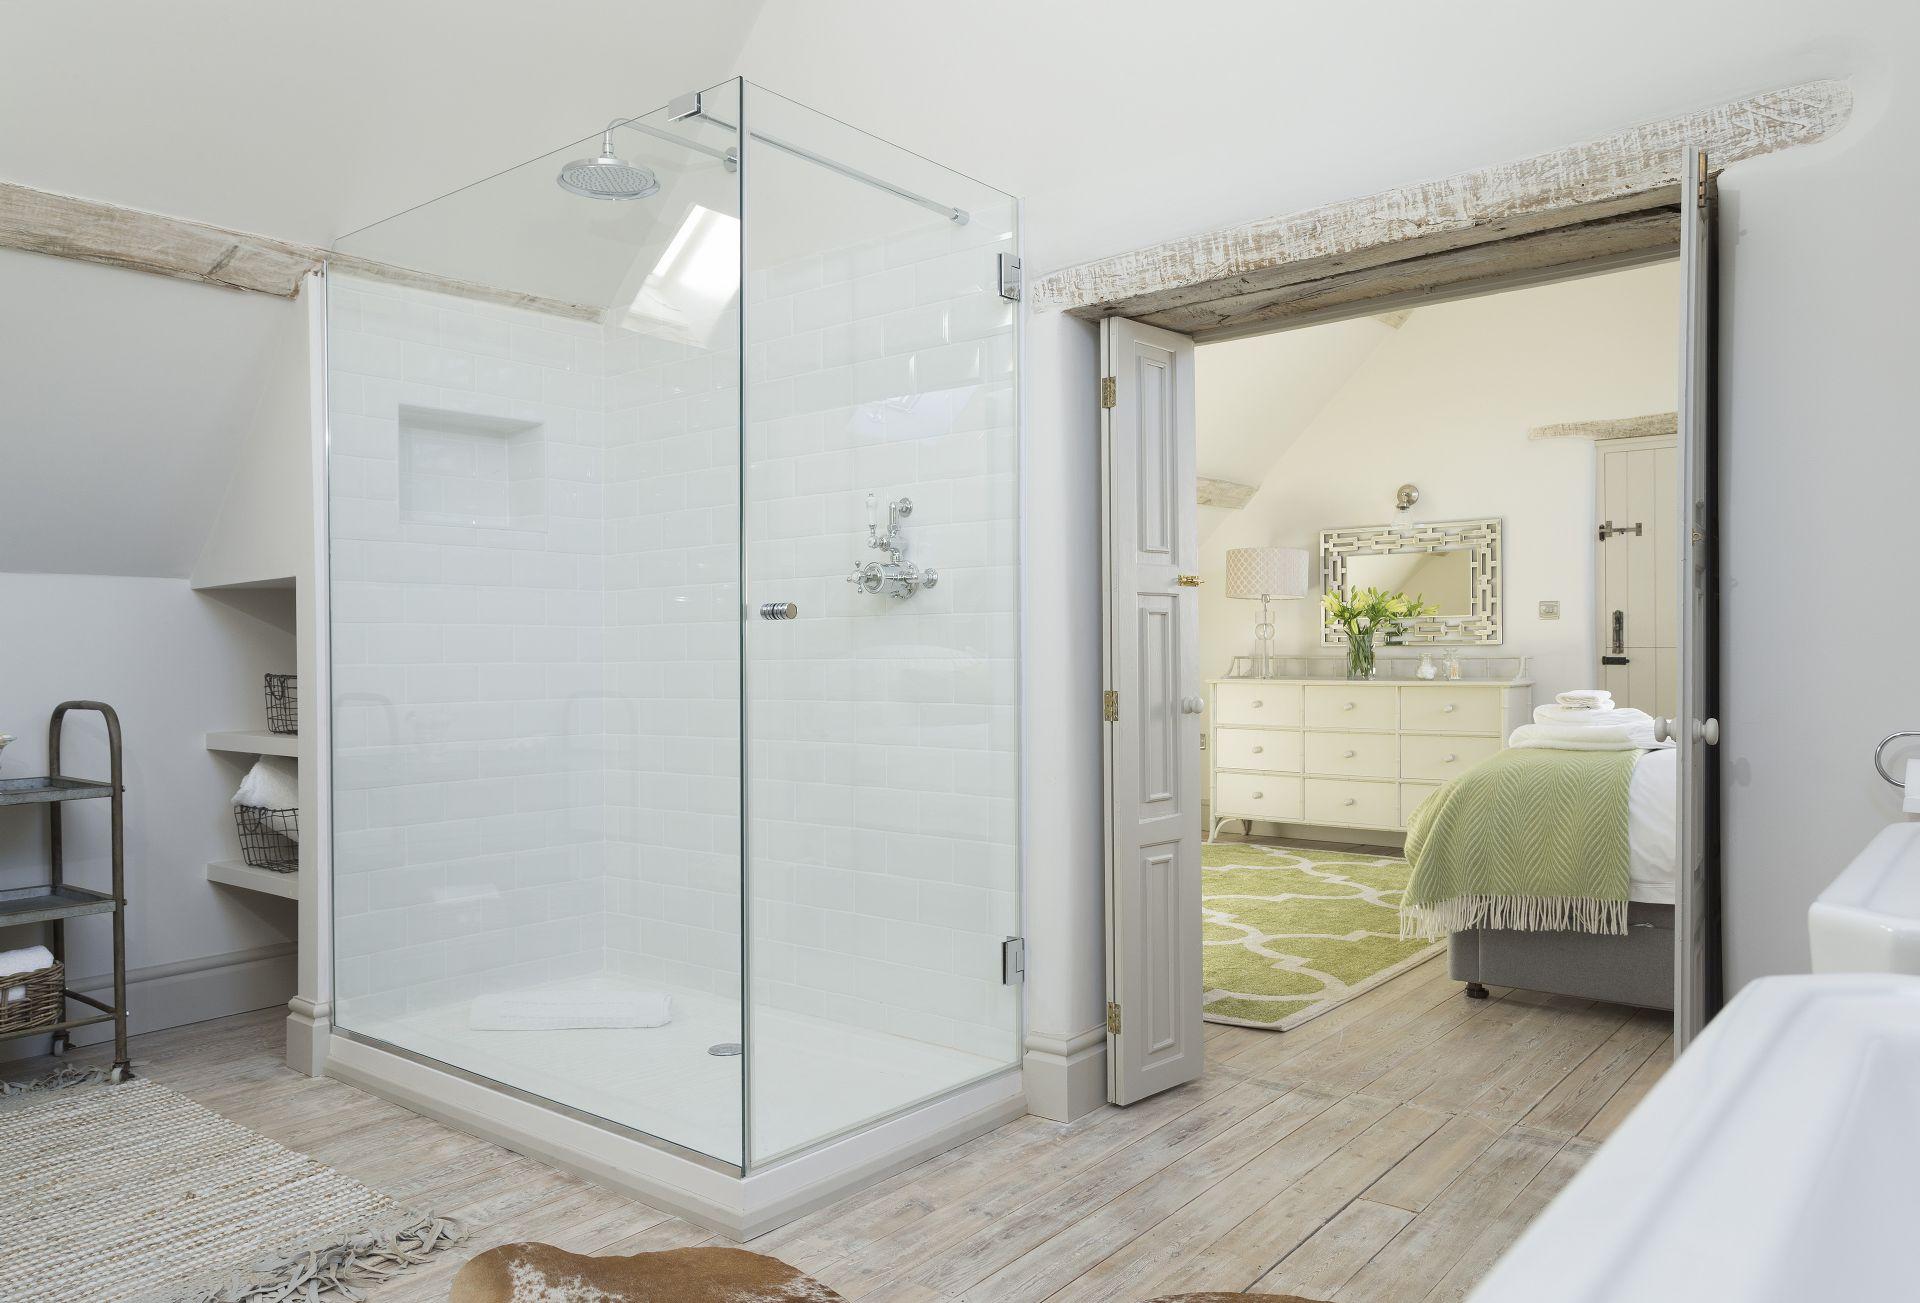 First floor: En-suite bathroom with walk in shower